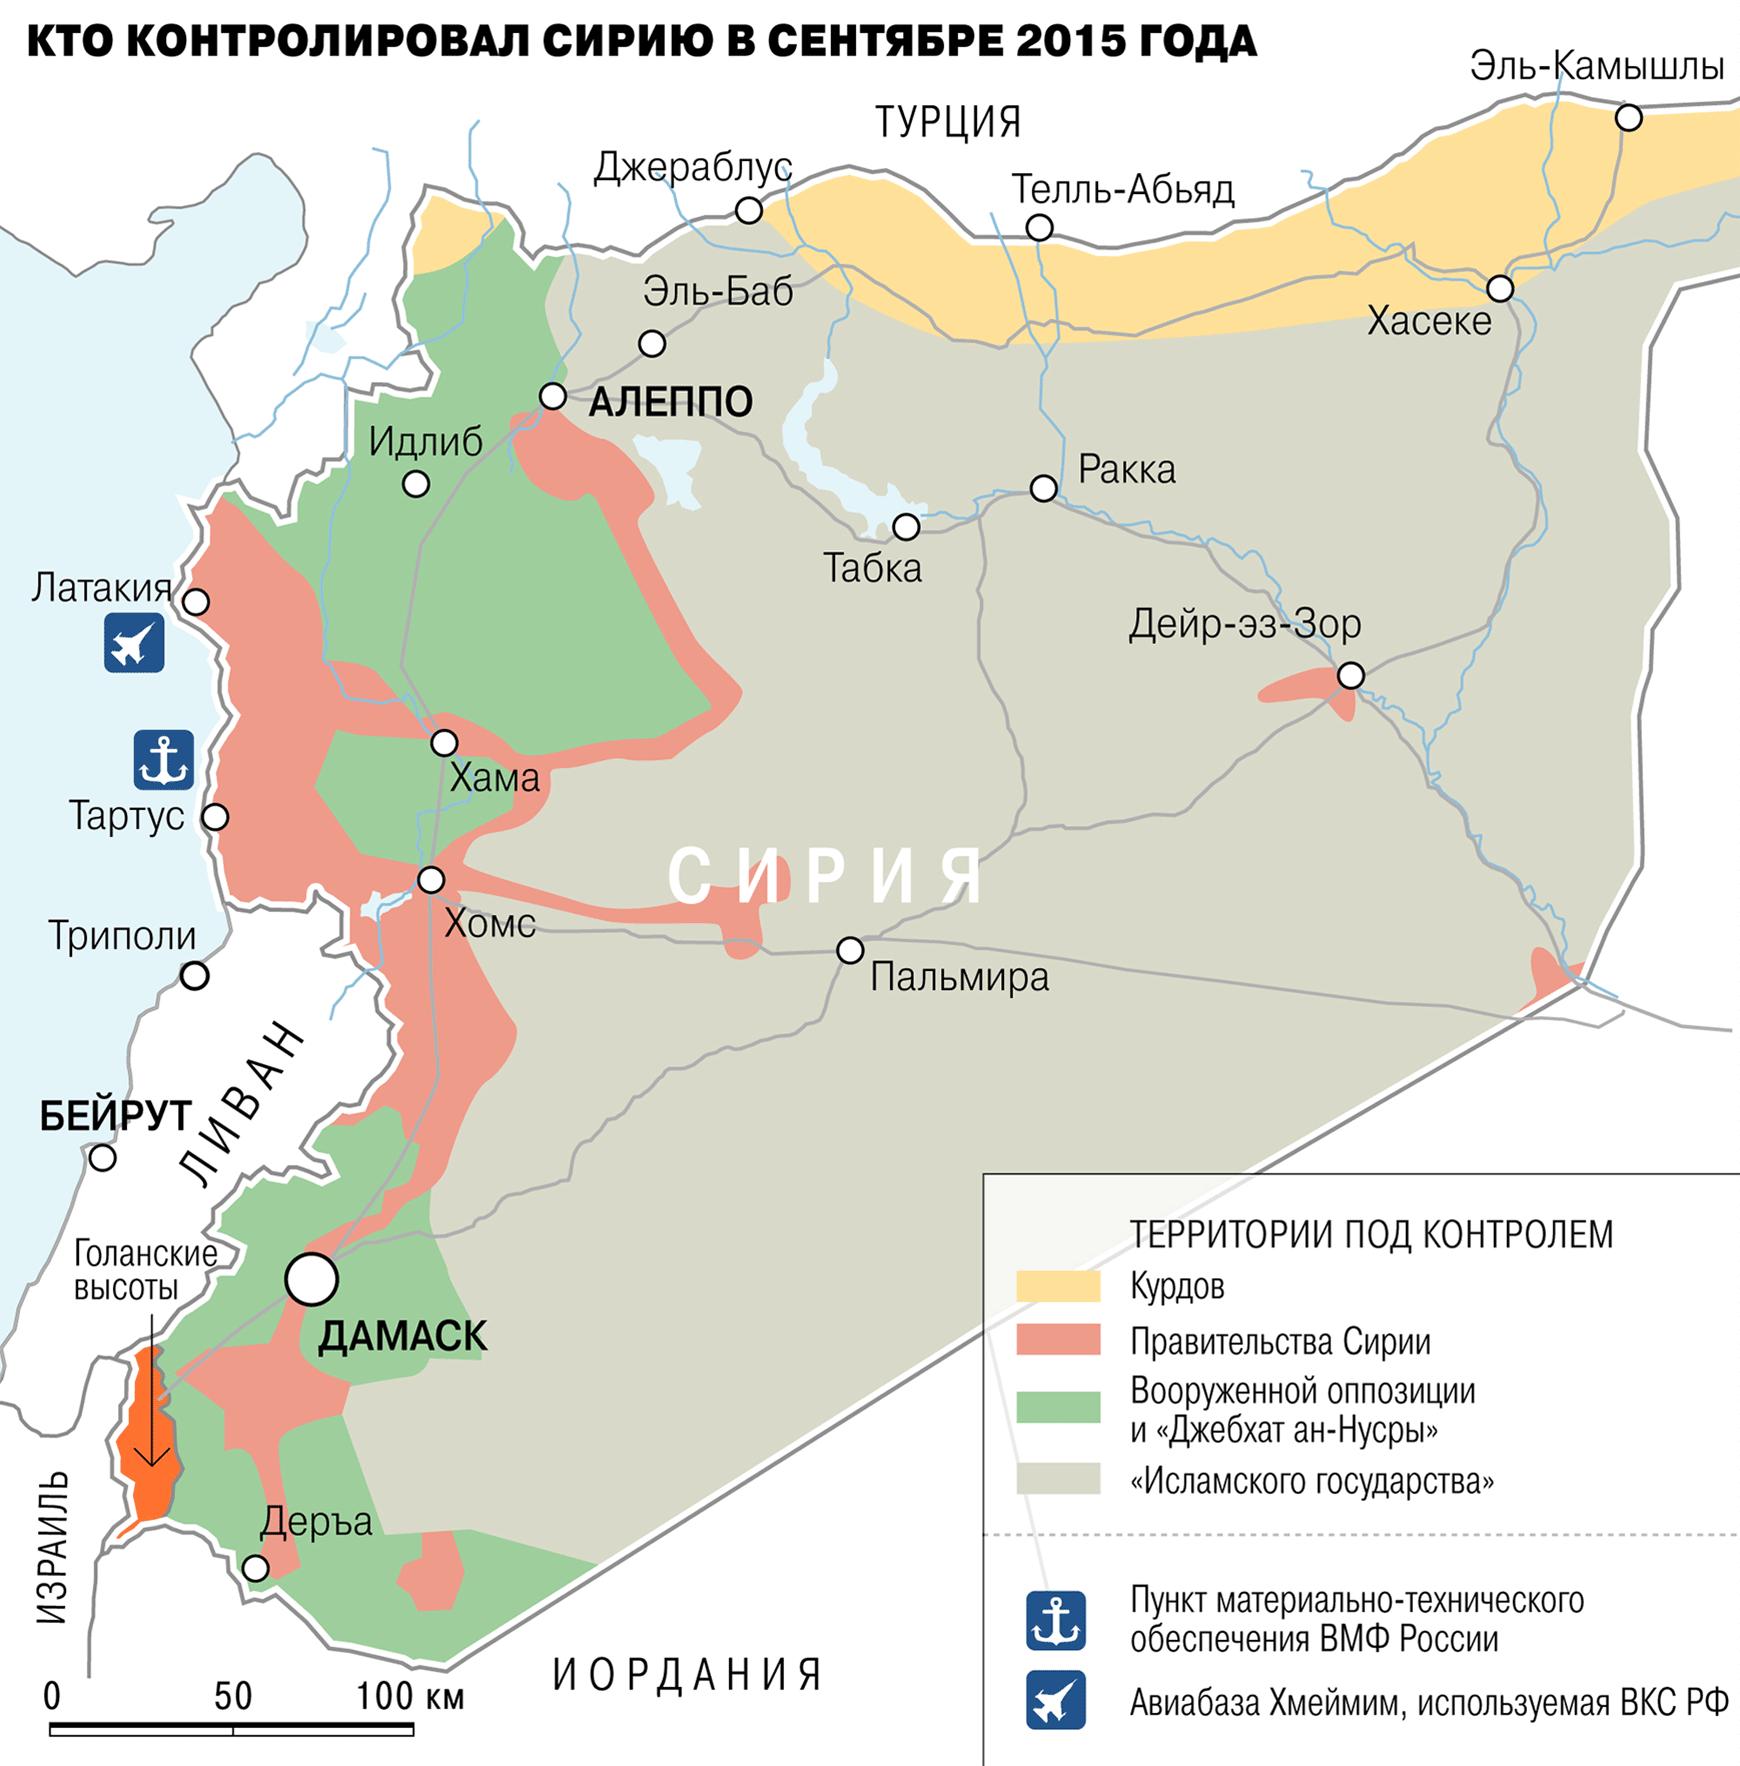 сколько военнослужащих погибло в сирии